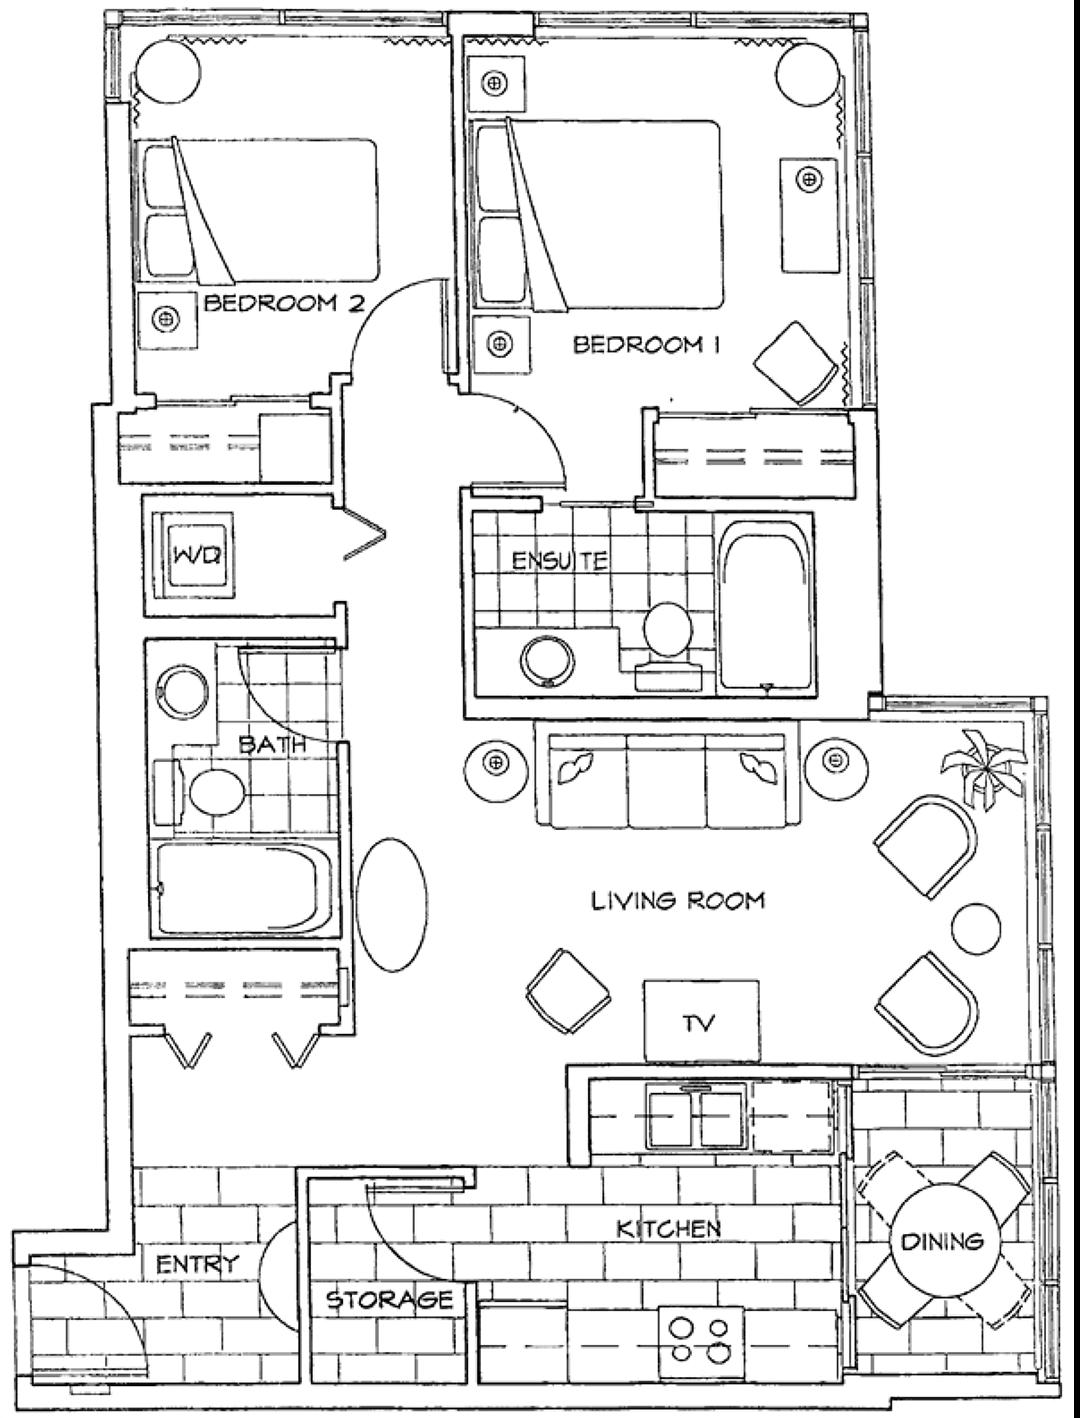 Floor Plan of Two Bedroom Apartment